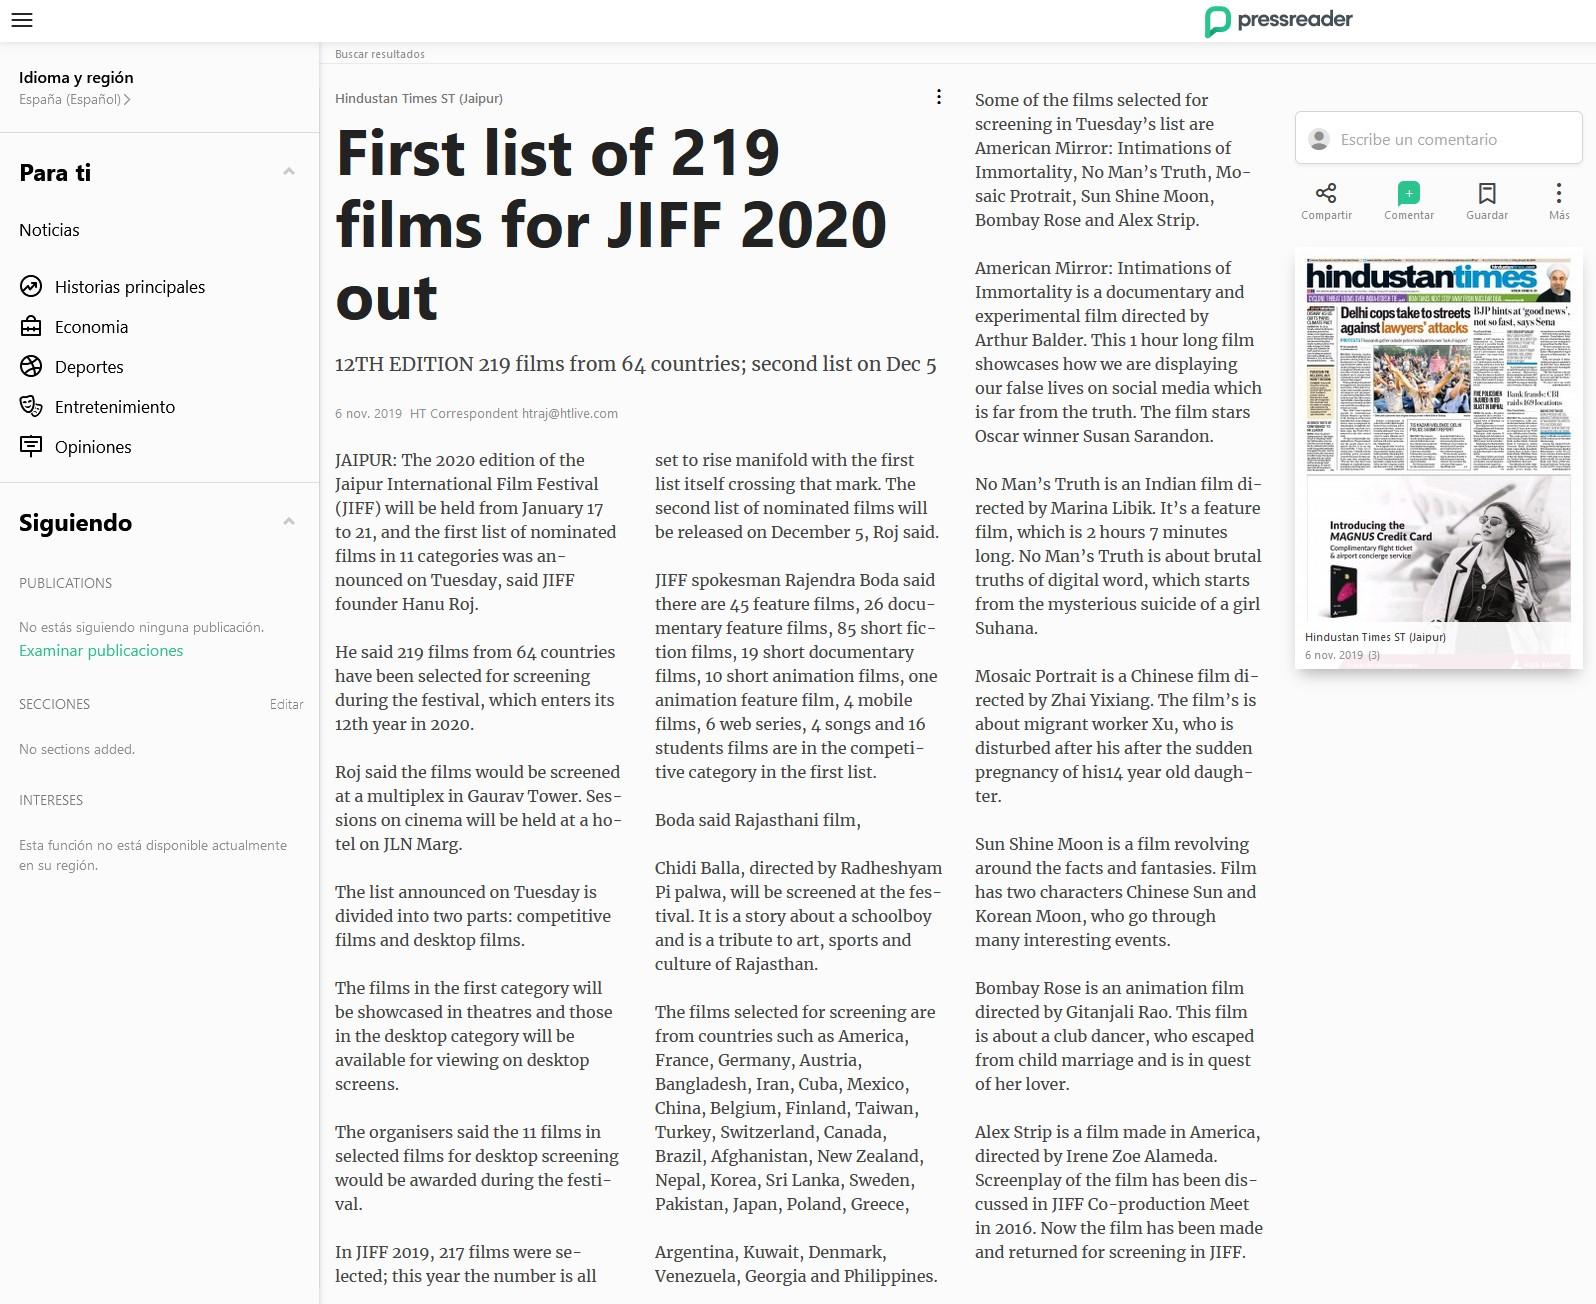 Primera lista de 219 películas para JIFF 2020